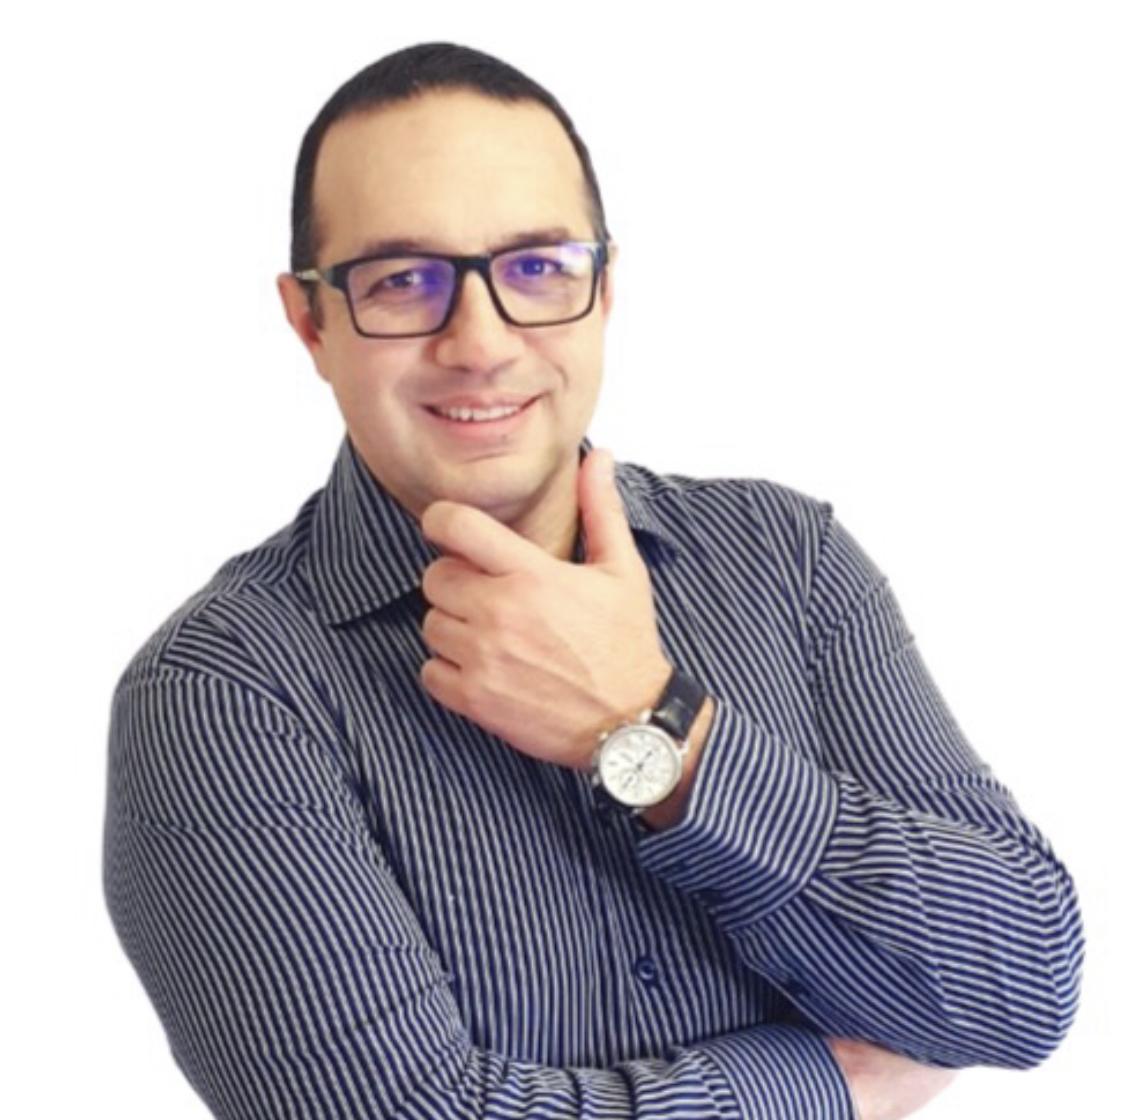 Mauro Carvajal